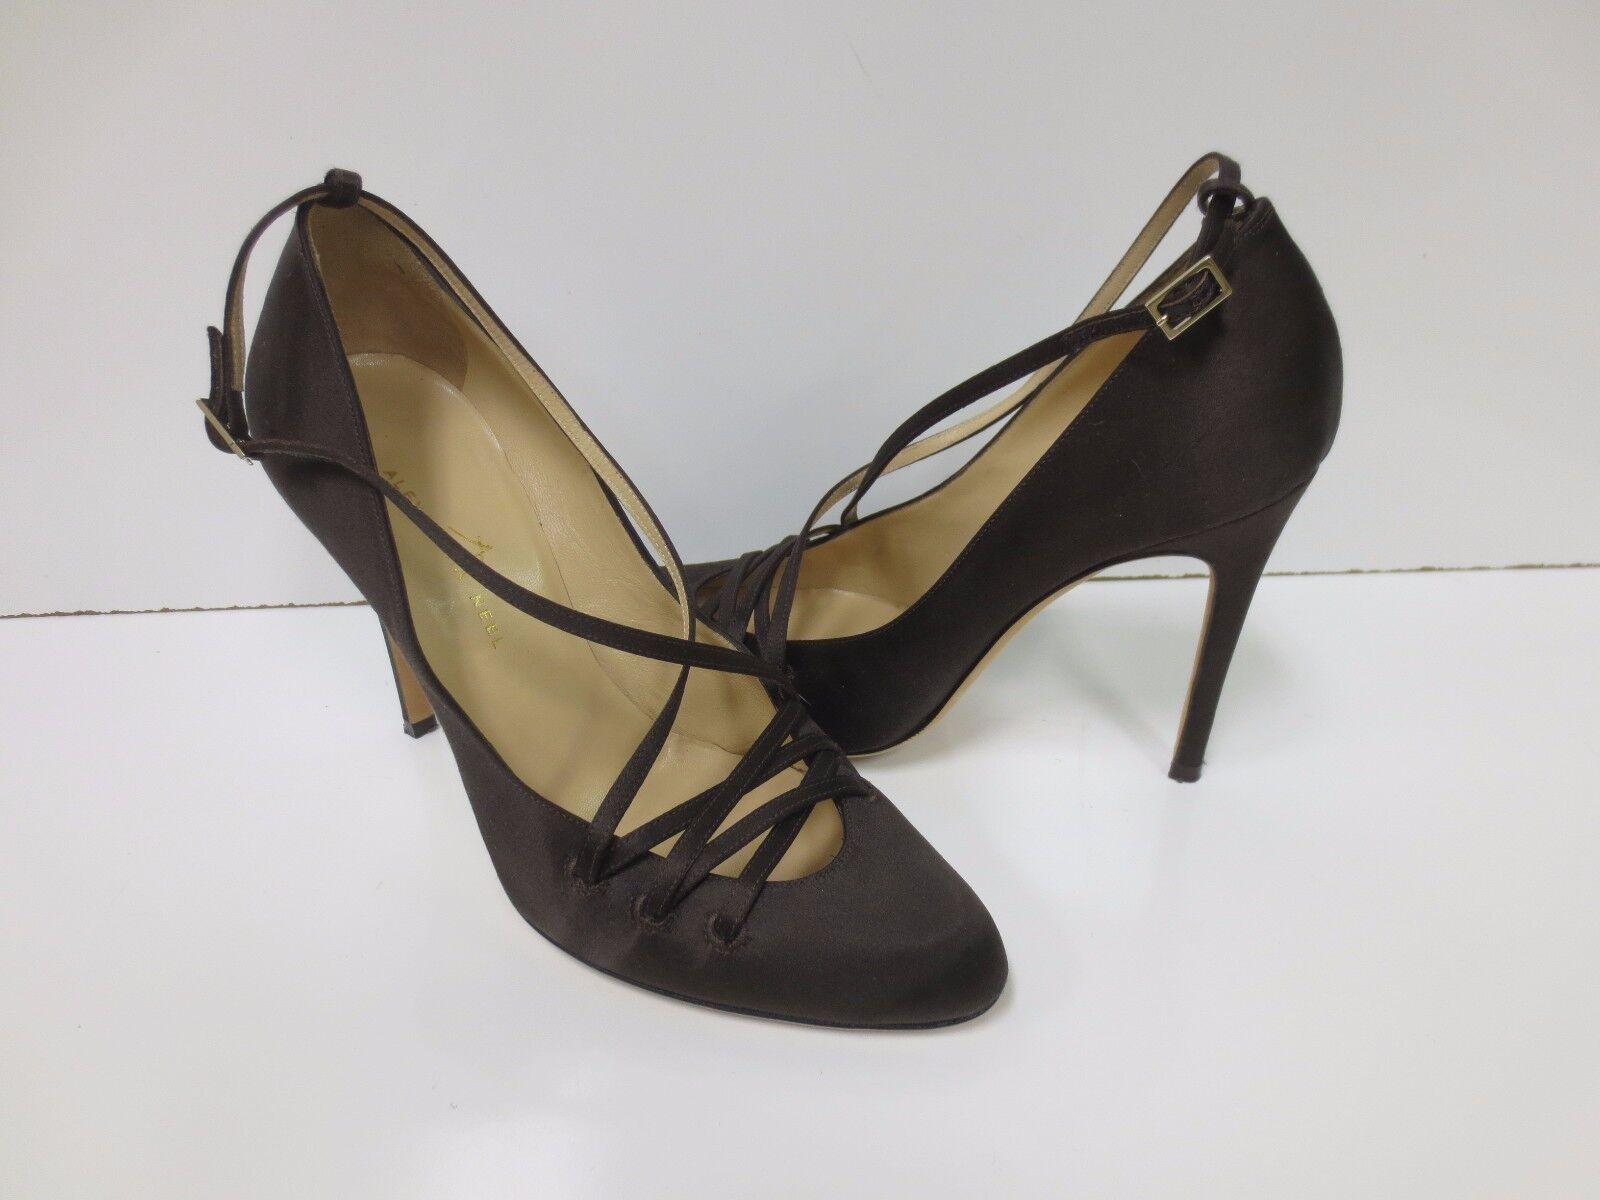 rivenditore di fitness ALEXANDRA NEEL Marrone Satin Lace Lace Lace Up Pumps Heels scarpe 36.5 EUC  moda classica